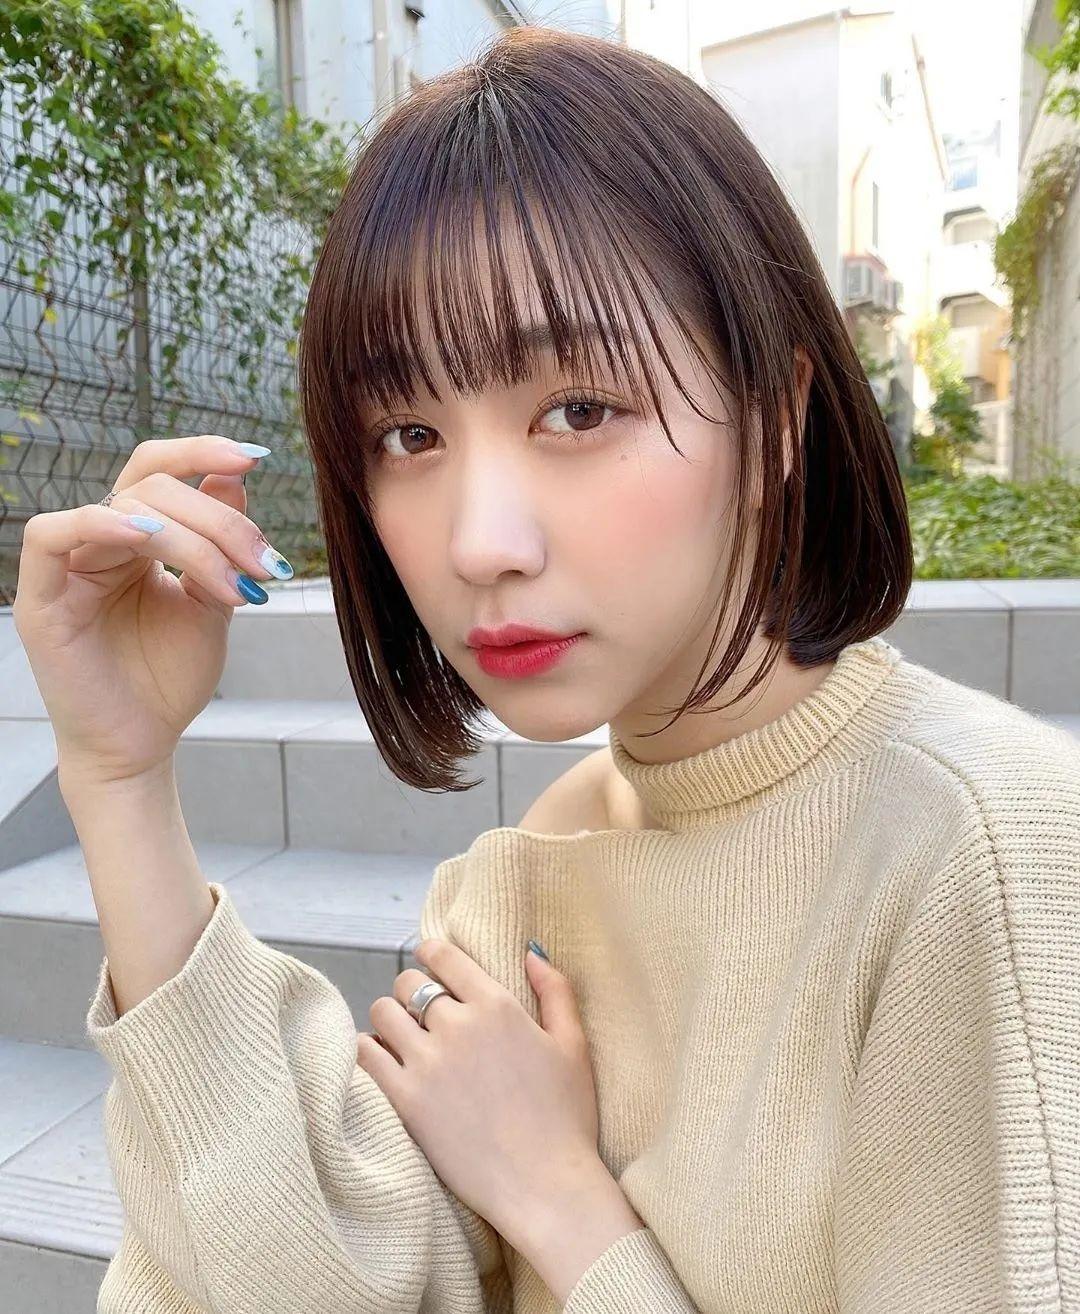 日本发型师分享好看短发的要诀!发尾外卷、耳下2cm轮廓是关键